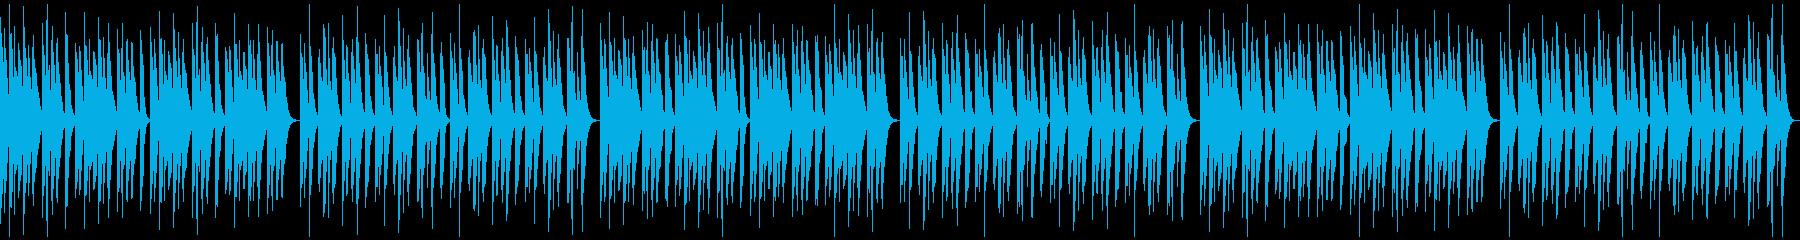 ほのぼの・日常・脱力・コミカル・マリンバの再生済みの波形